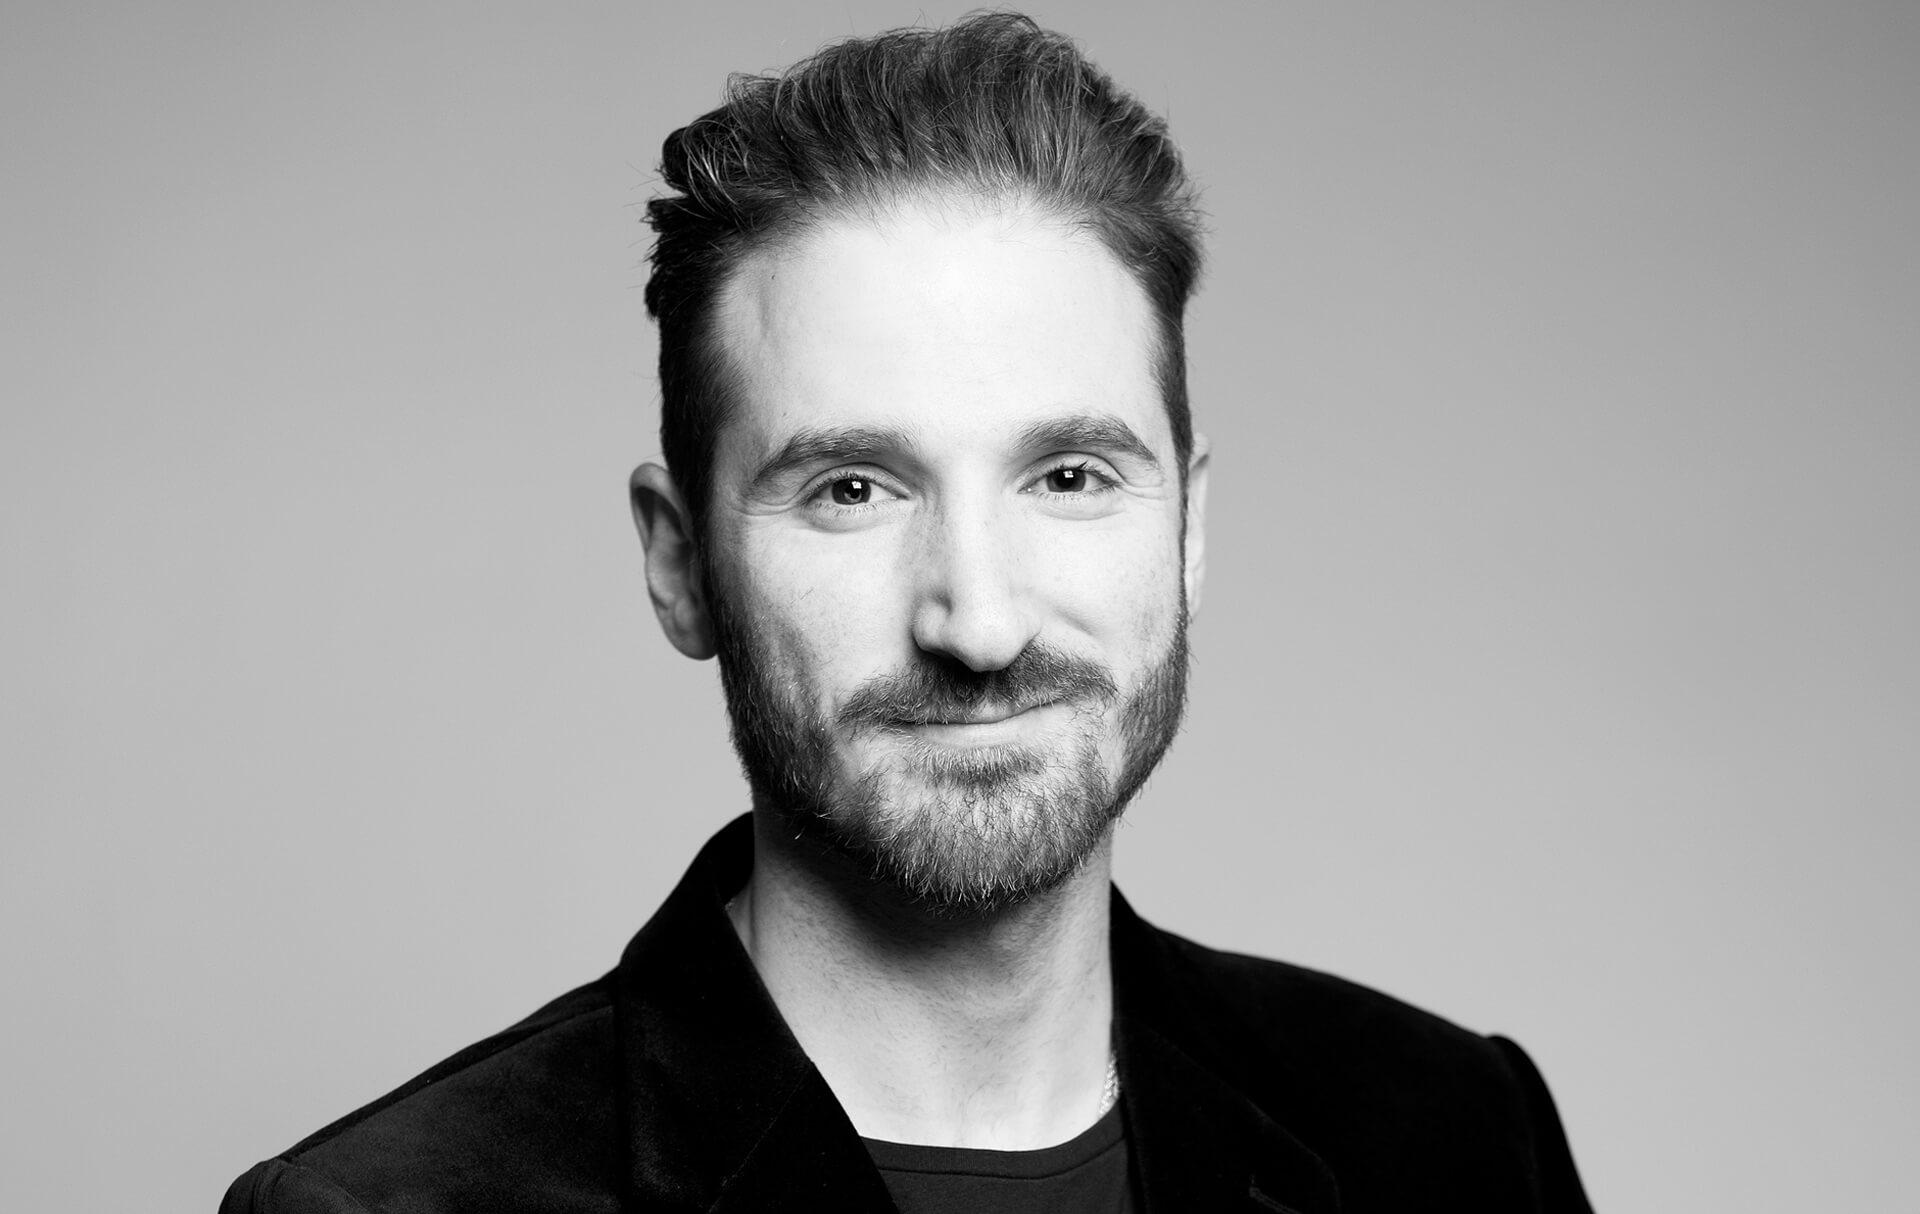 Bewerbungsfotos München Mann Portrait schwarz-weiss im Studio Headshot